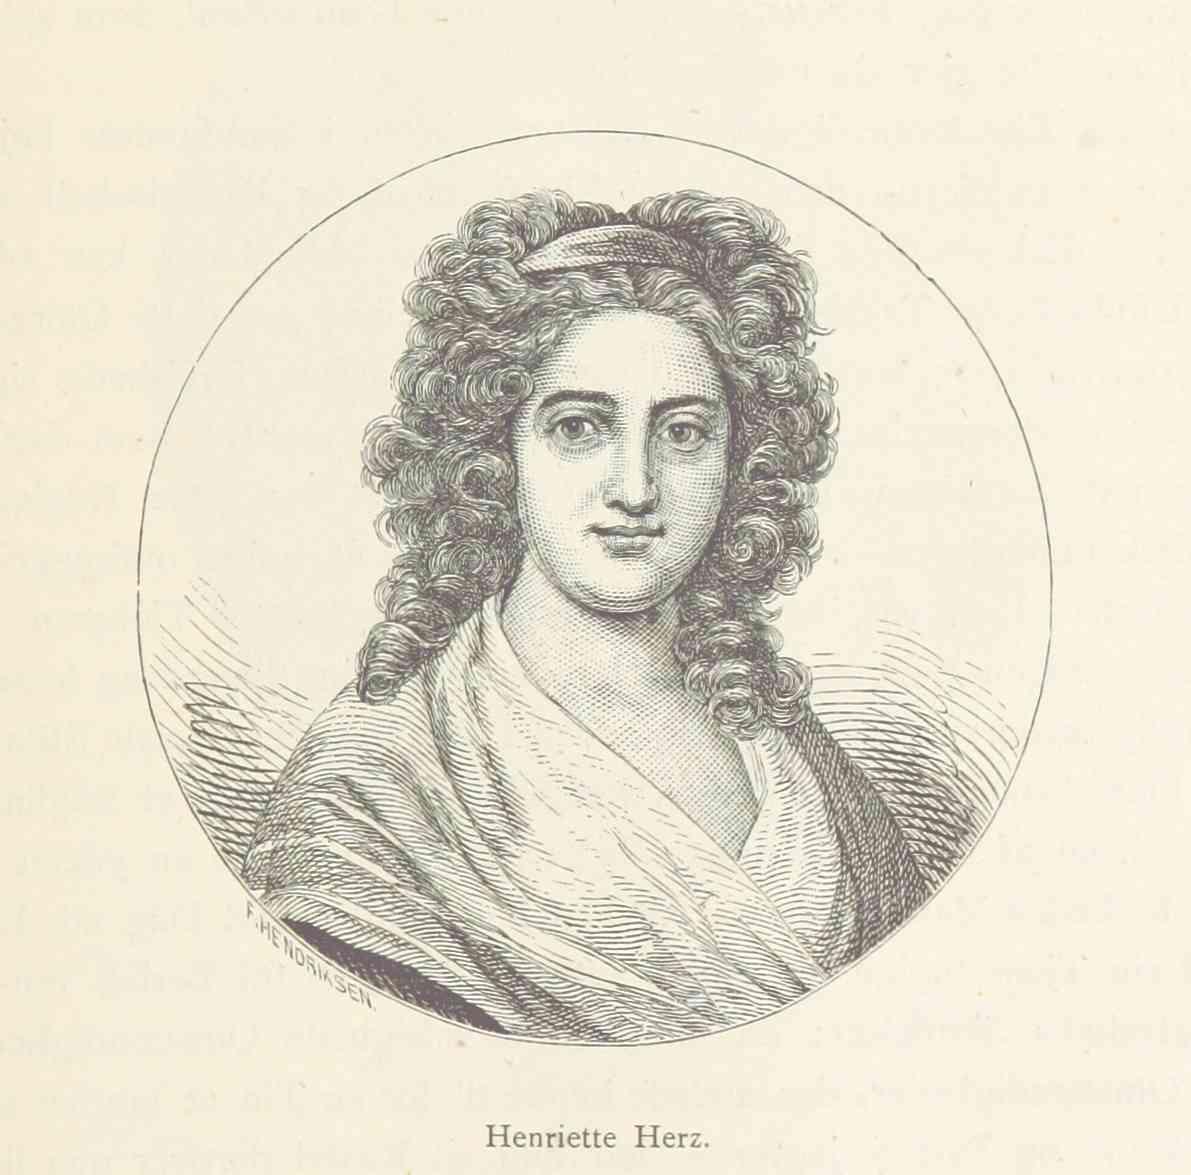 Henriette Herz – Vignette